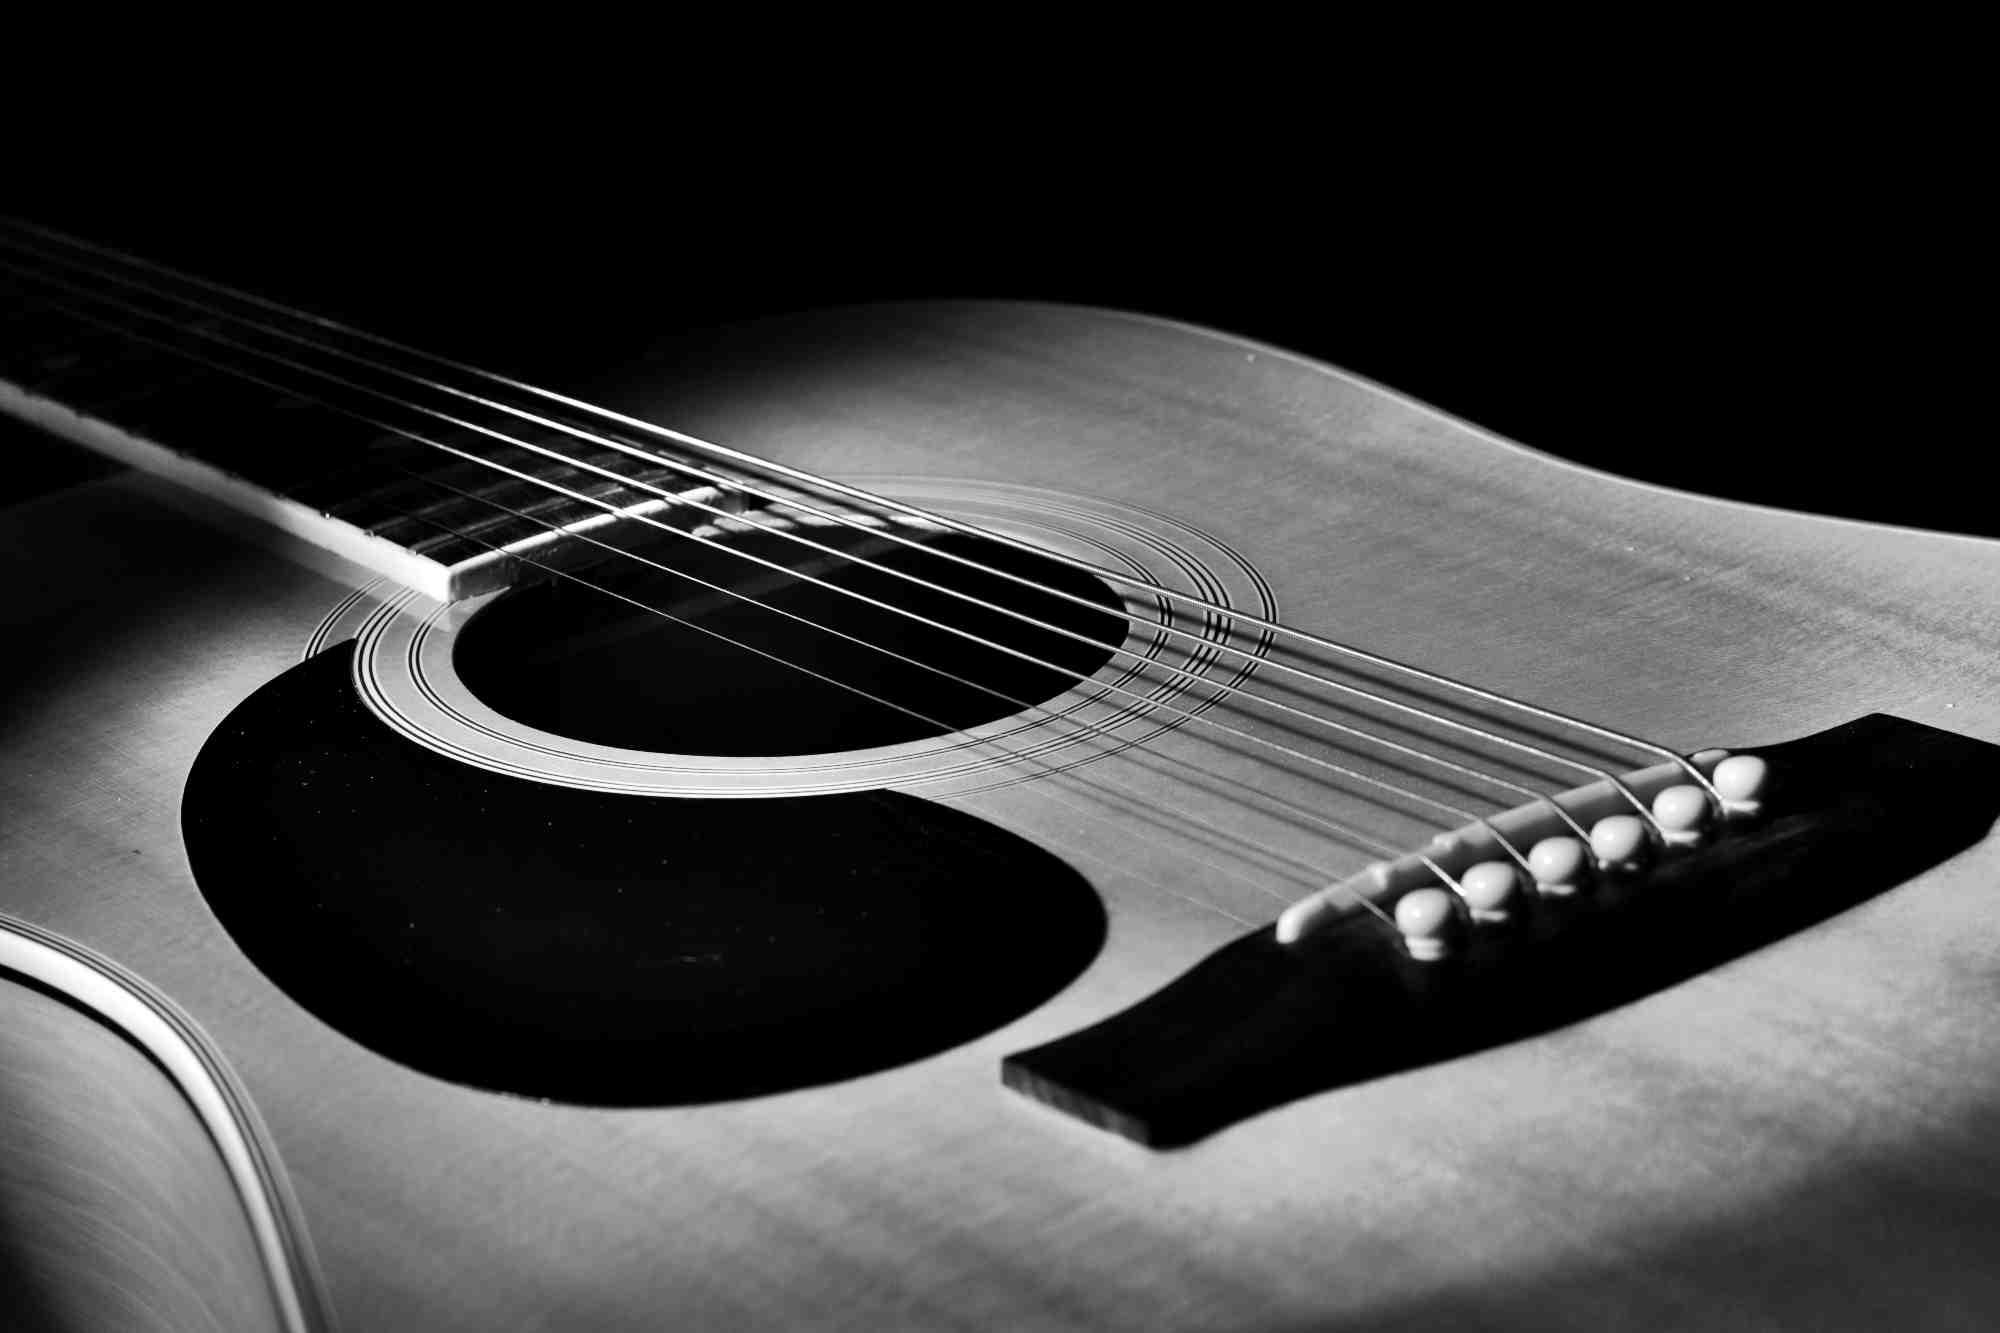 Comment changer les cordes de guitare électrique?